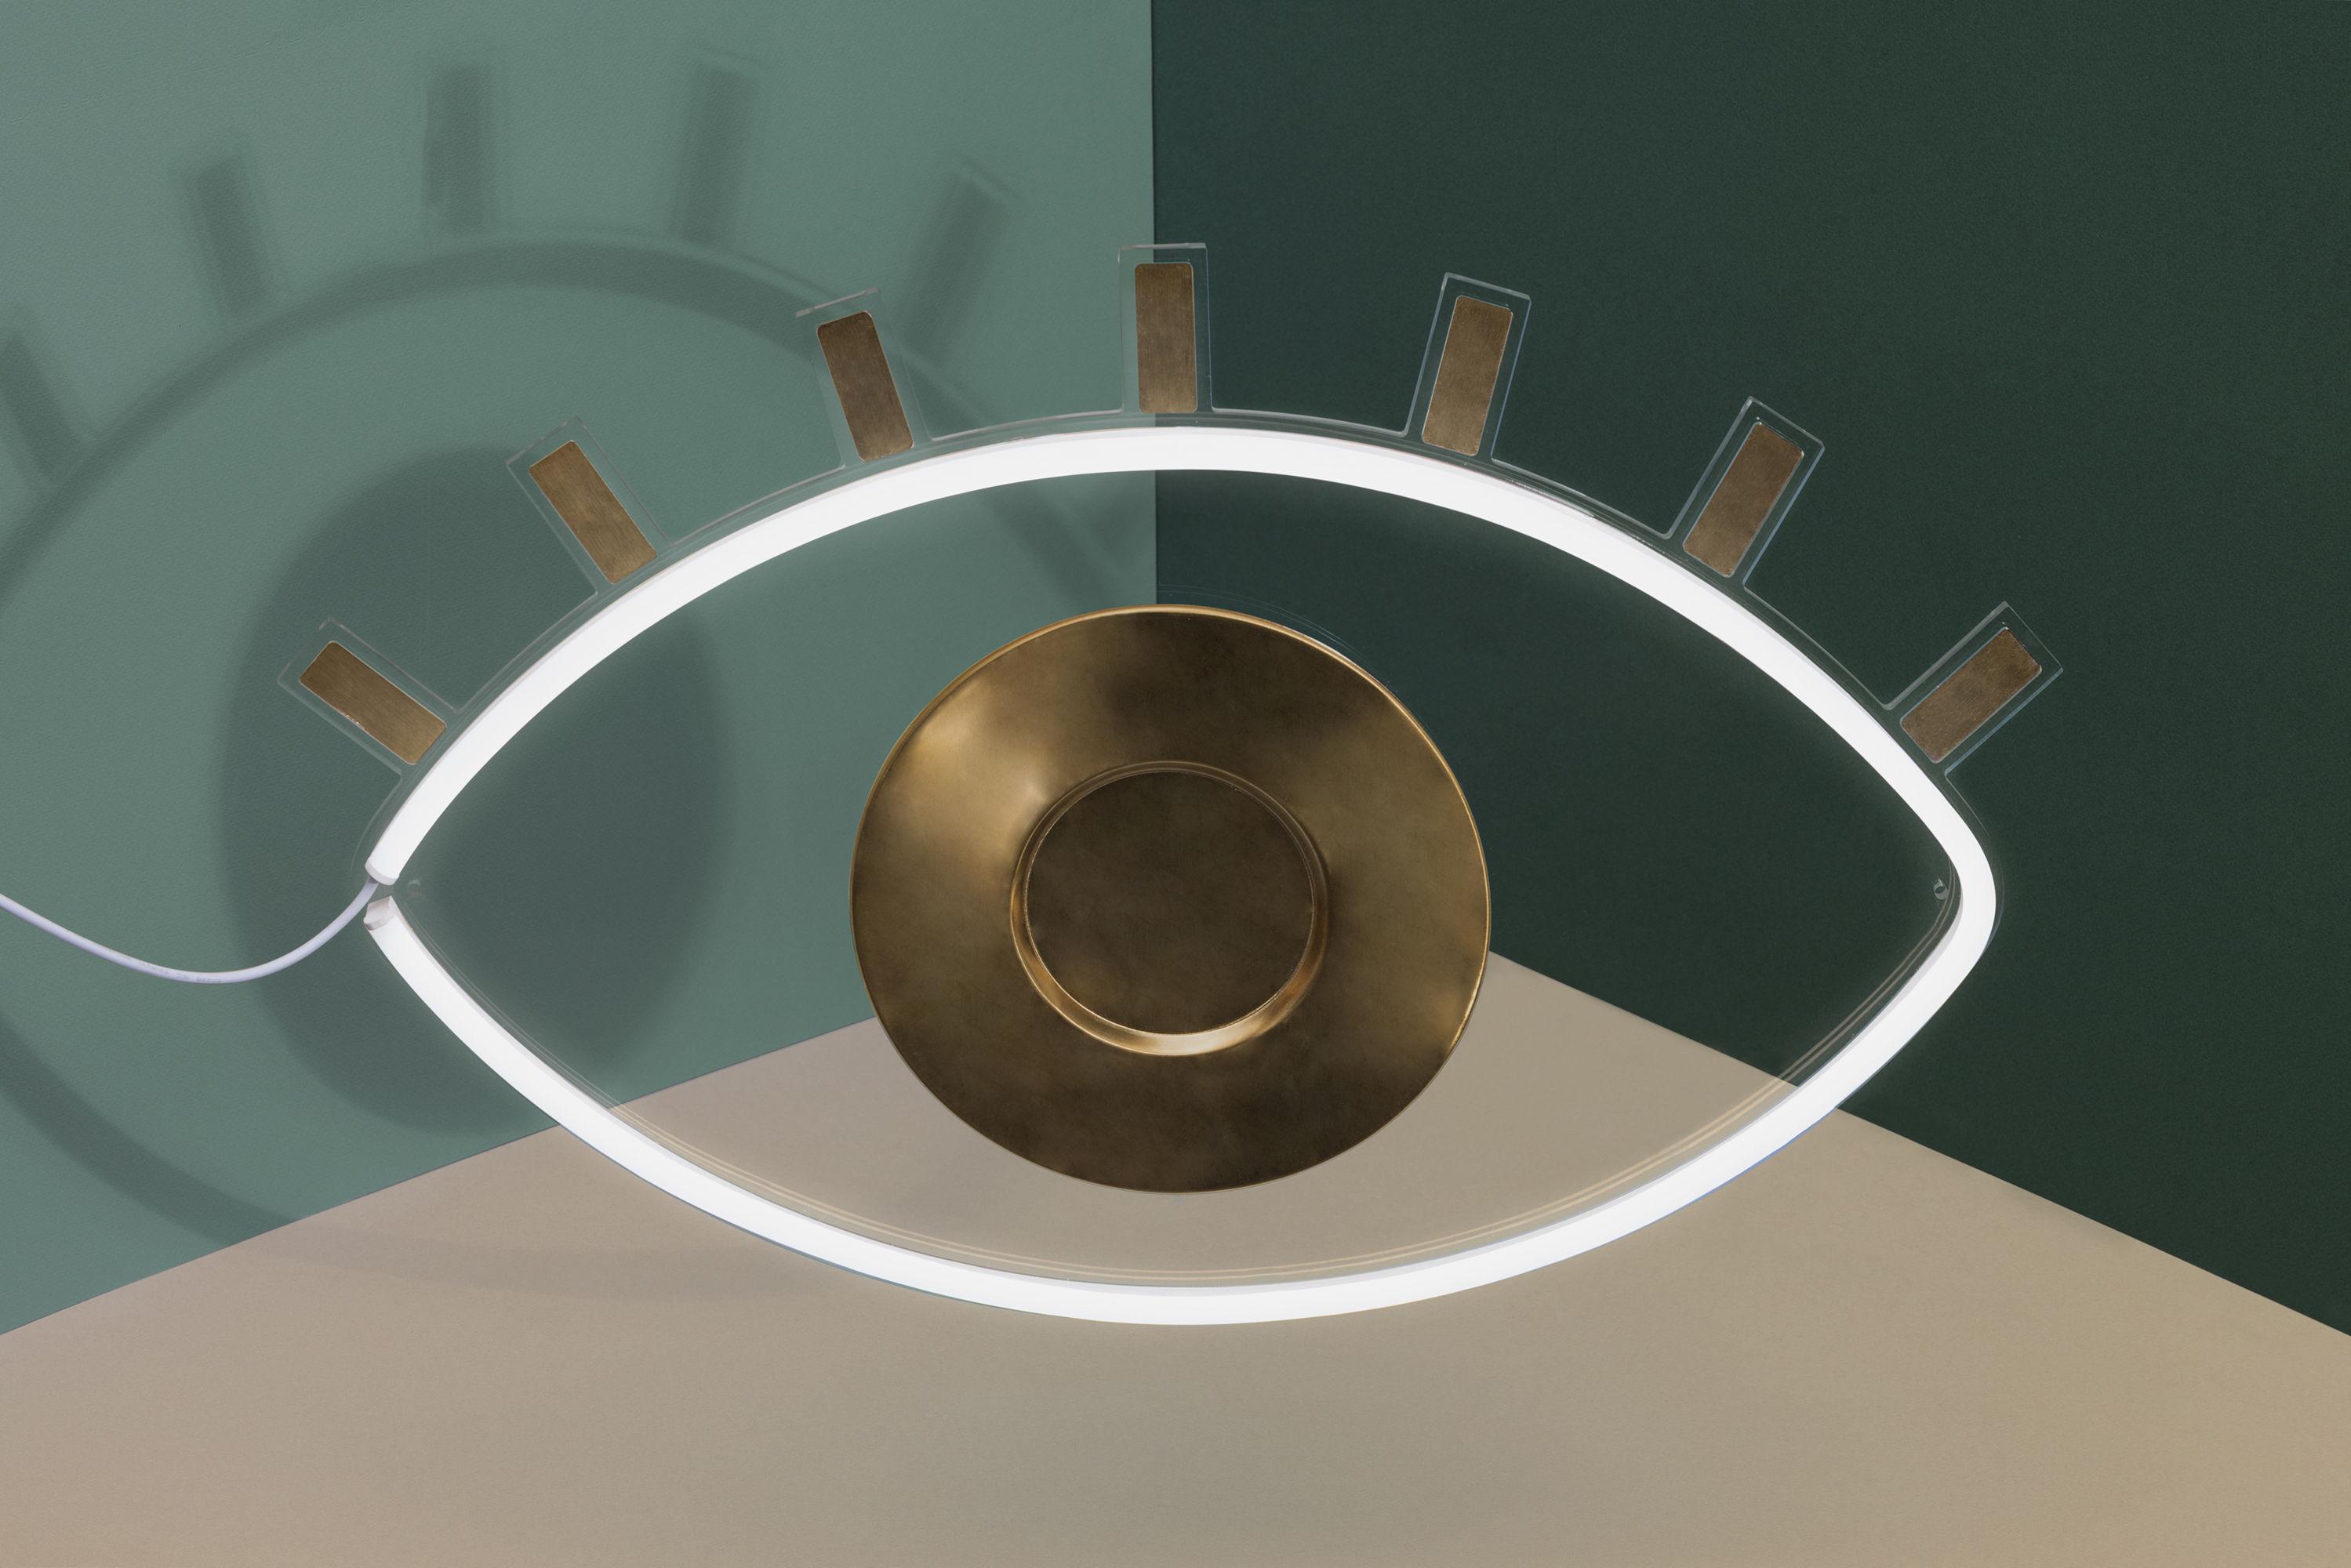 oculus led l 60 cm doiy wandleuchte mit stromkabel. Black Bedroom Furniture Sets. Home Design Ideas